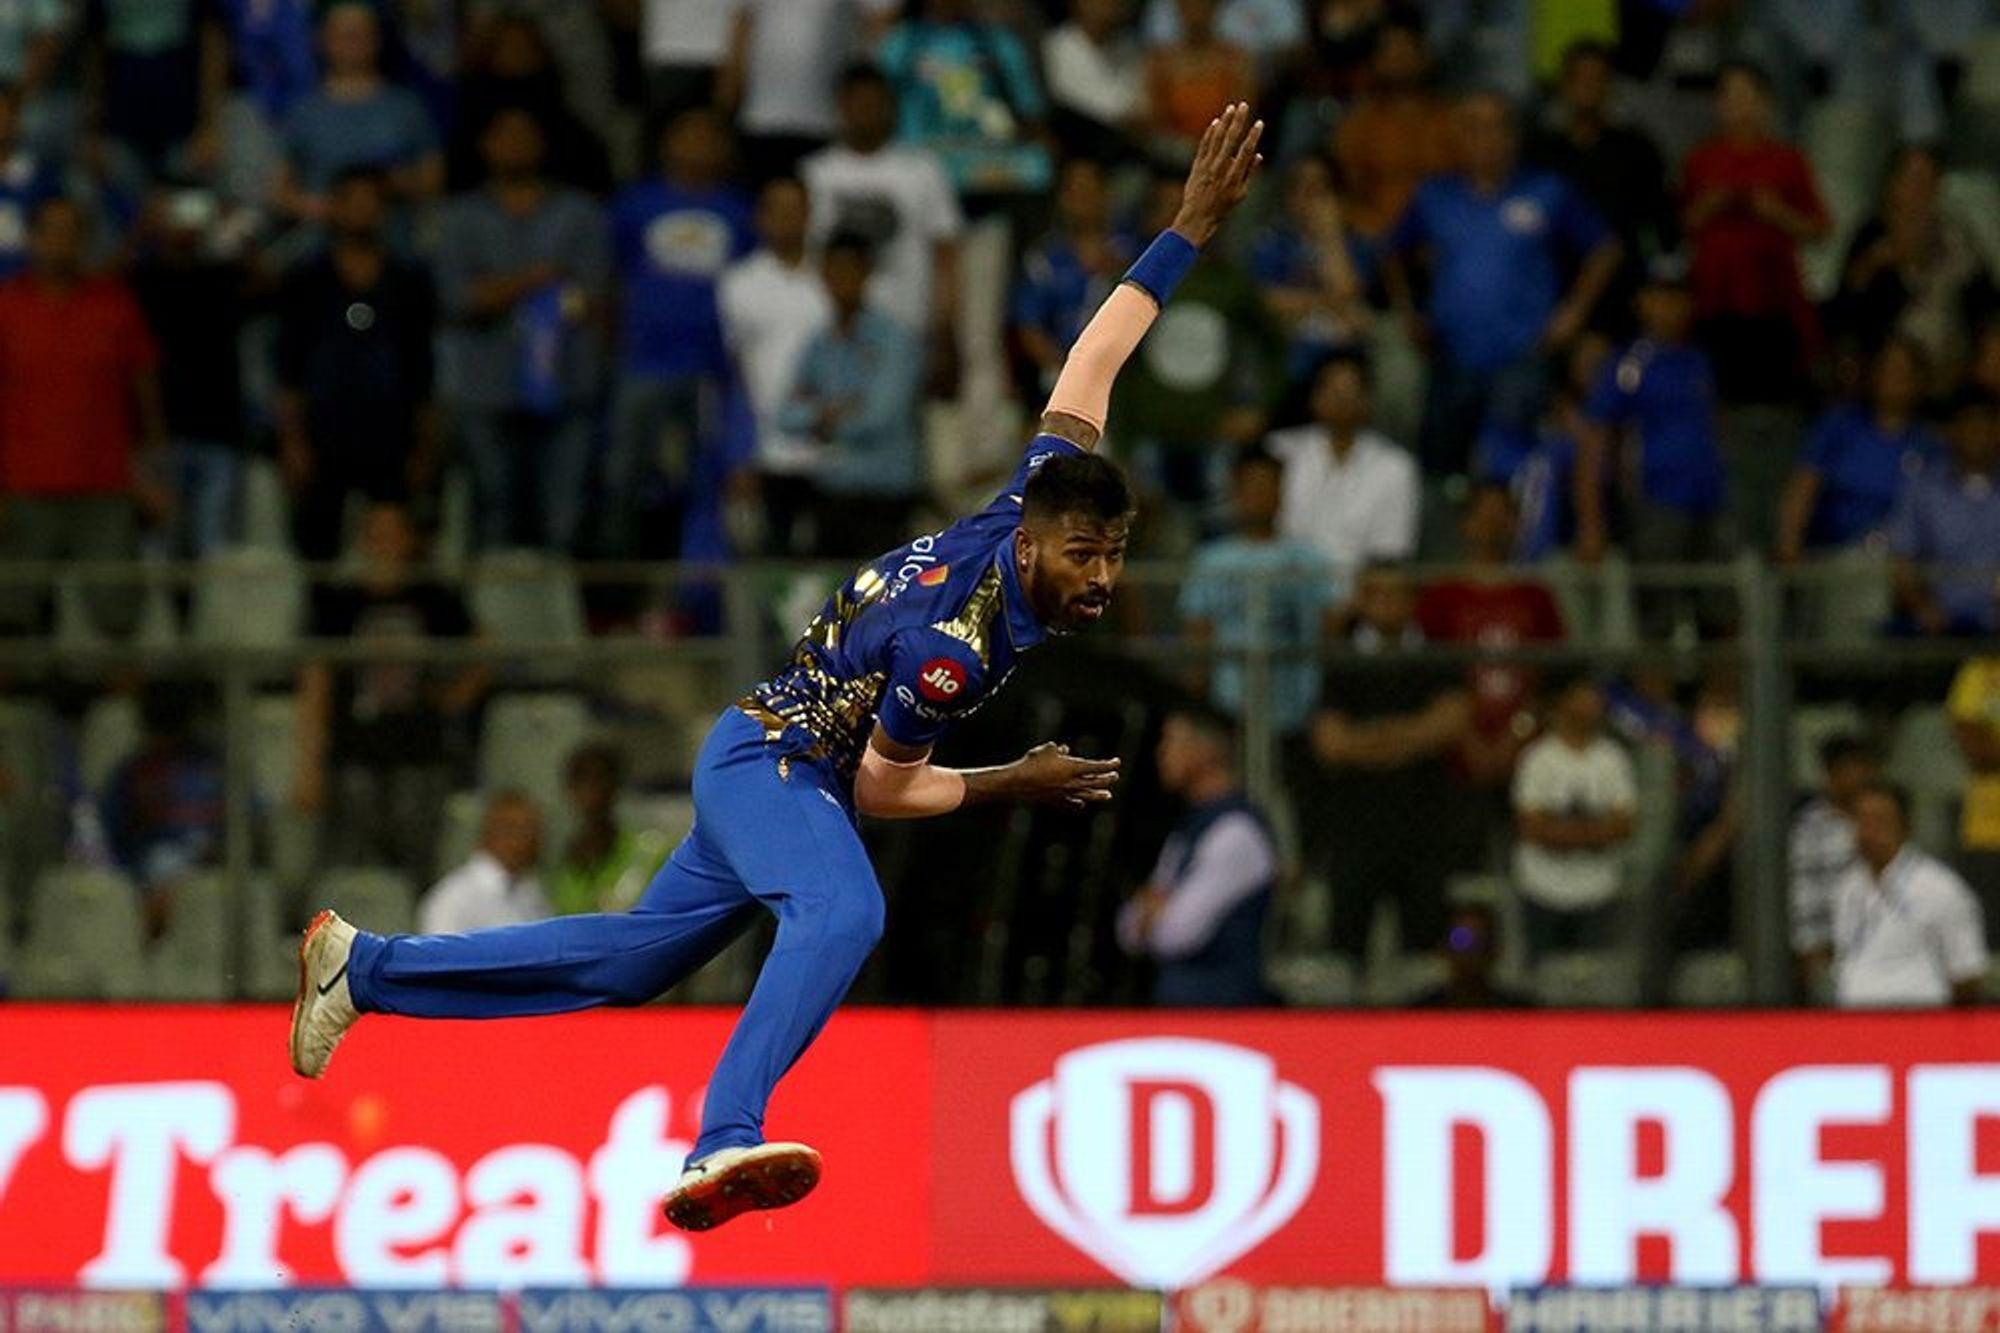 IPL 2019: धोनी, विराट और रैना नहीं बल्कि इस युवा भारतीय खिलाड़ी के सबसे बड़े फैन हैं चेन्नई सुपर किंग्स के कोच स्टीफन फ्लेमिंग 1